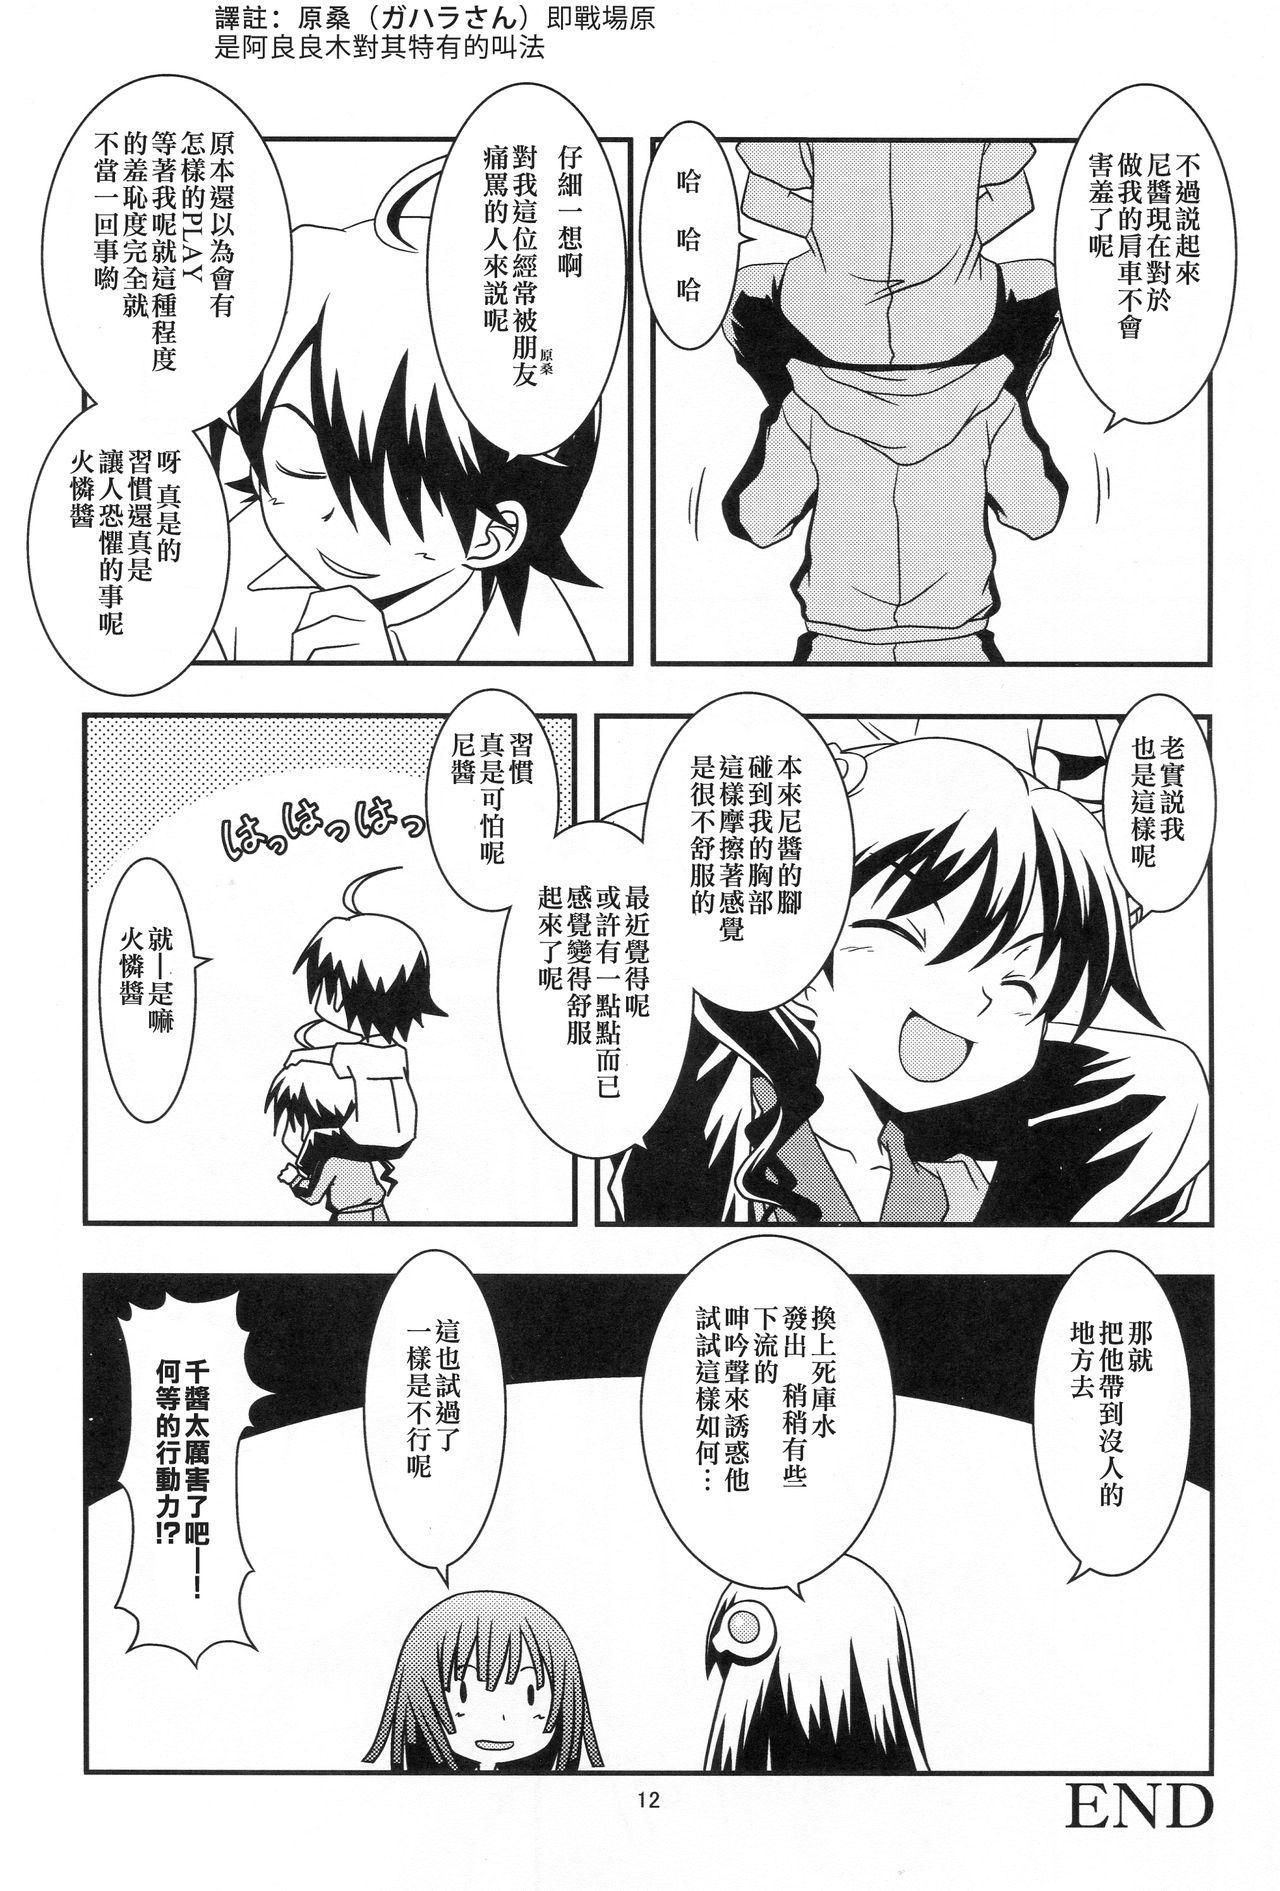 Nii-chan wa Sonna Koto Dakara 11